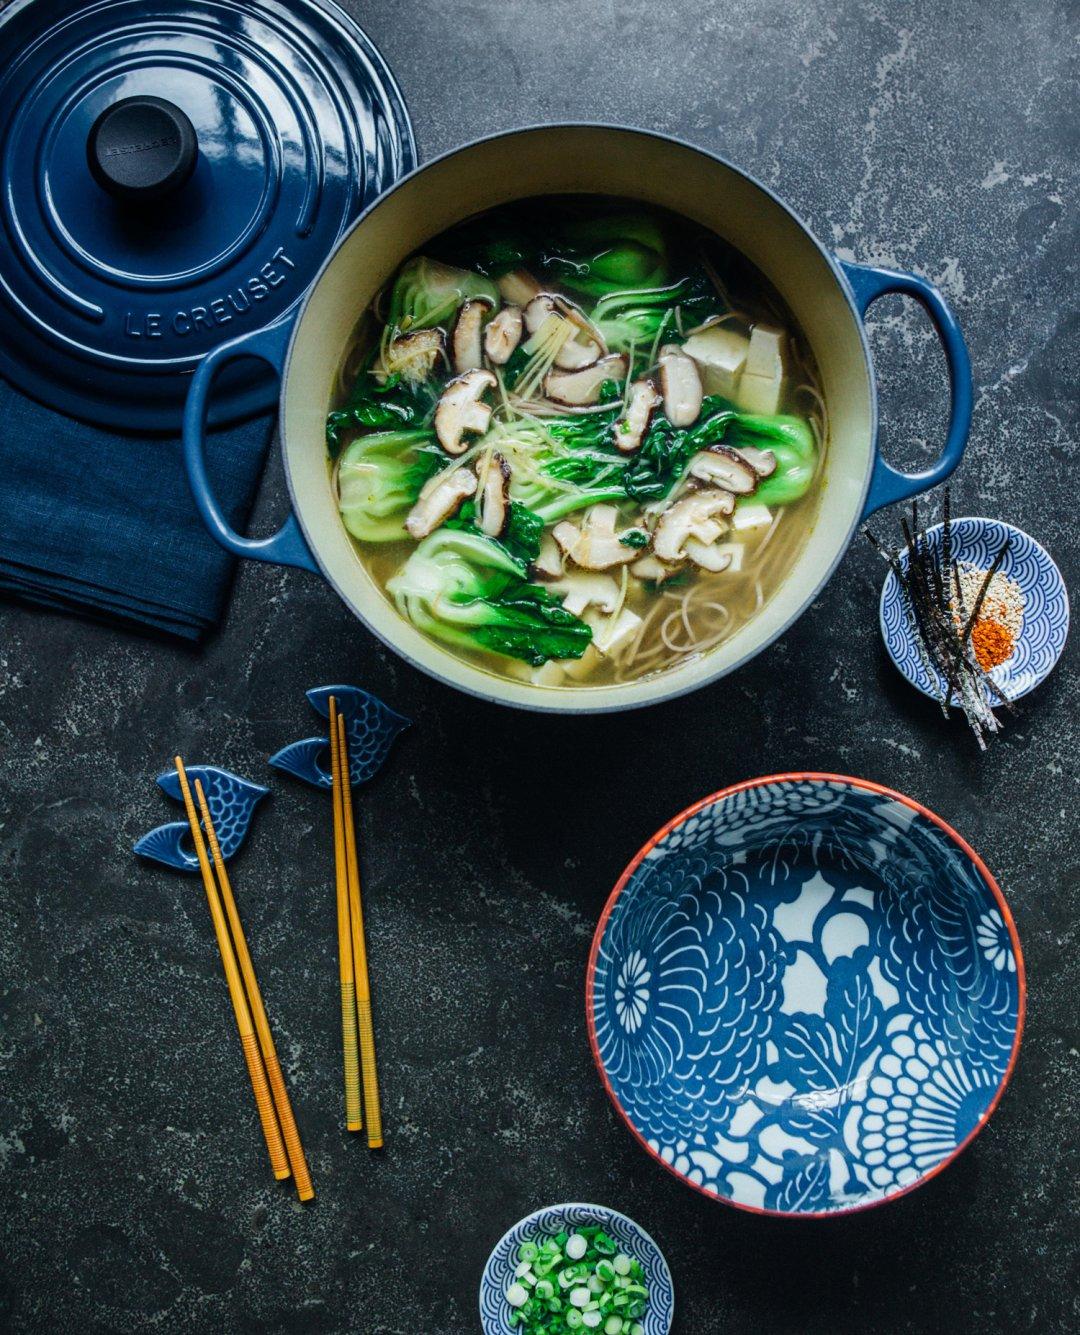 Noodle soup in a blue LeCreuset